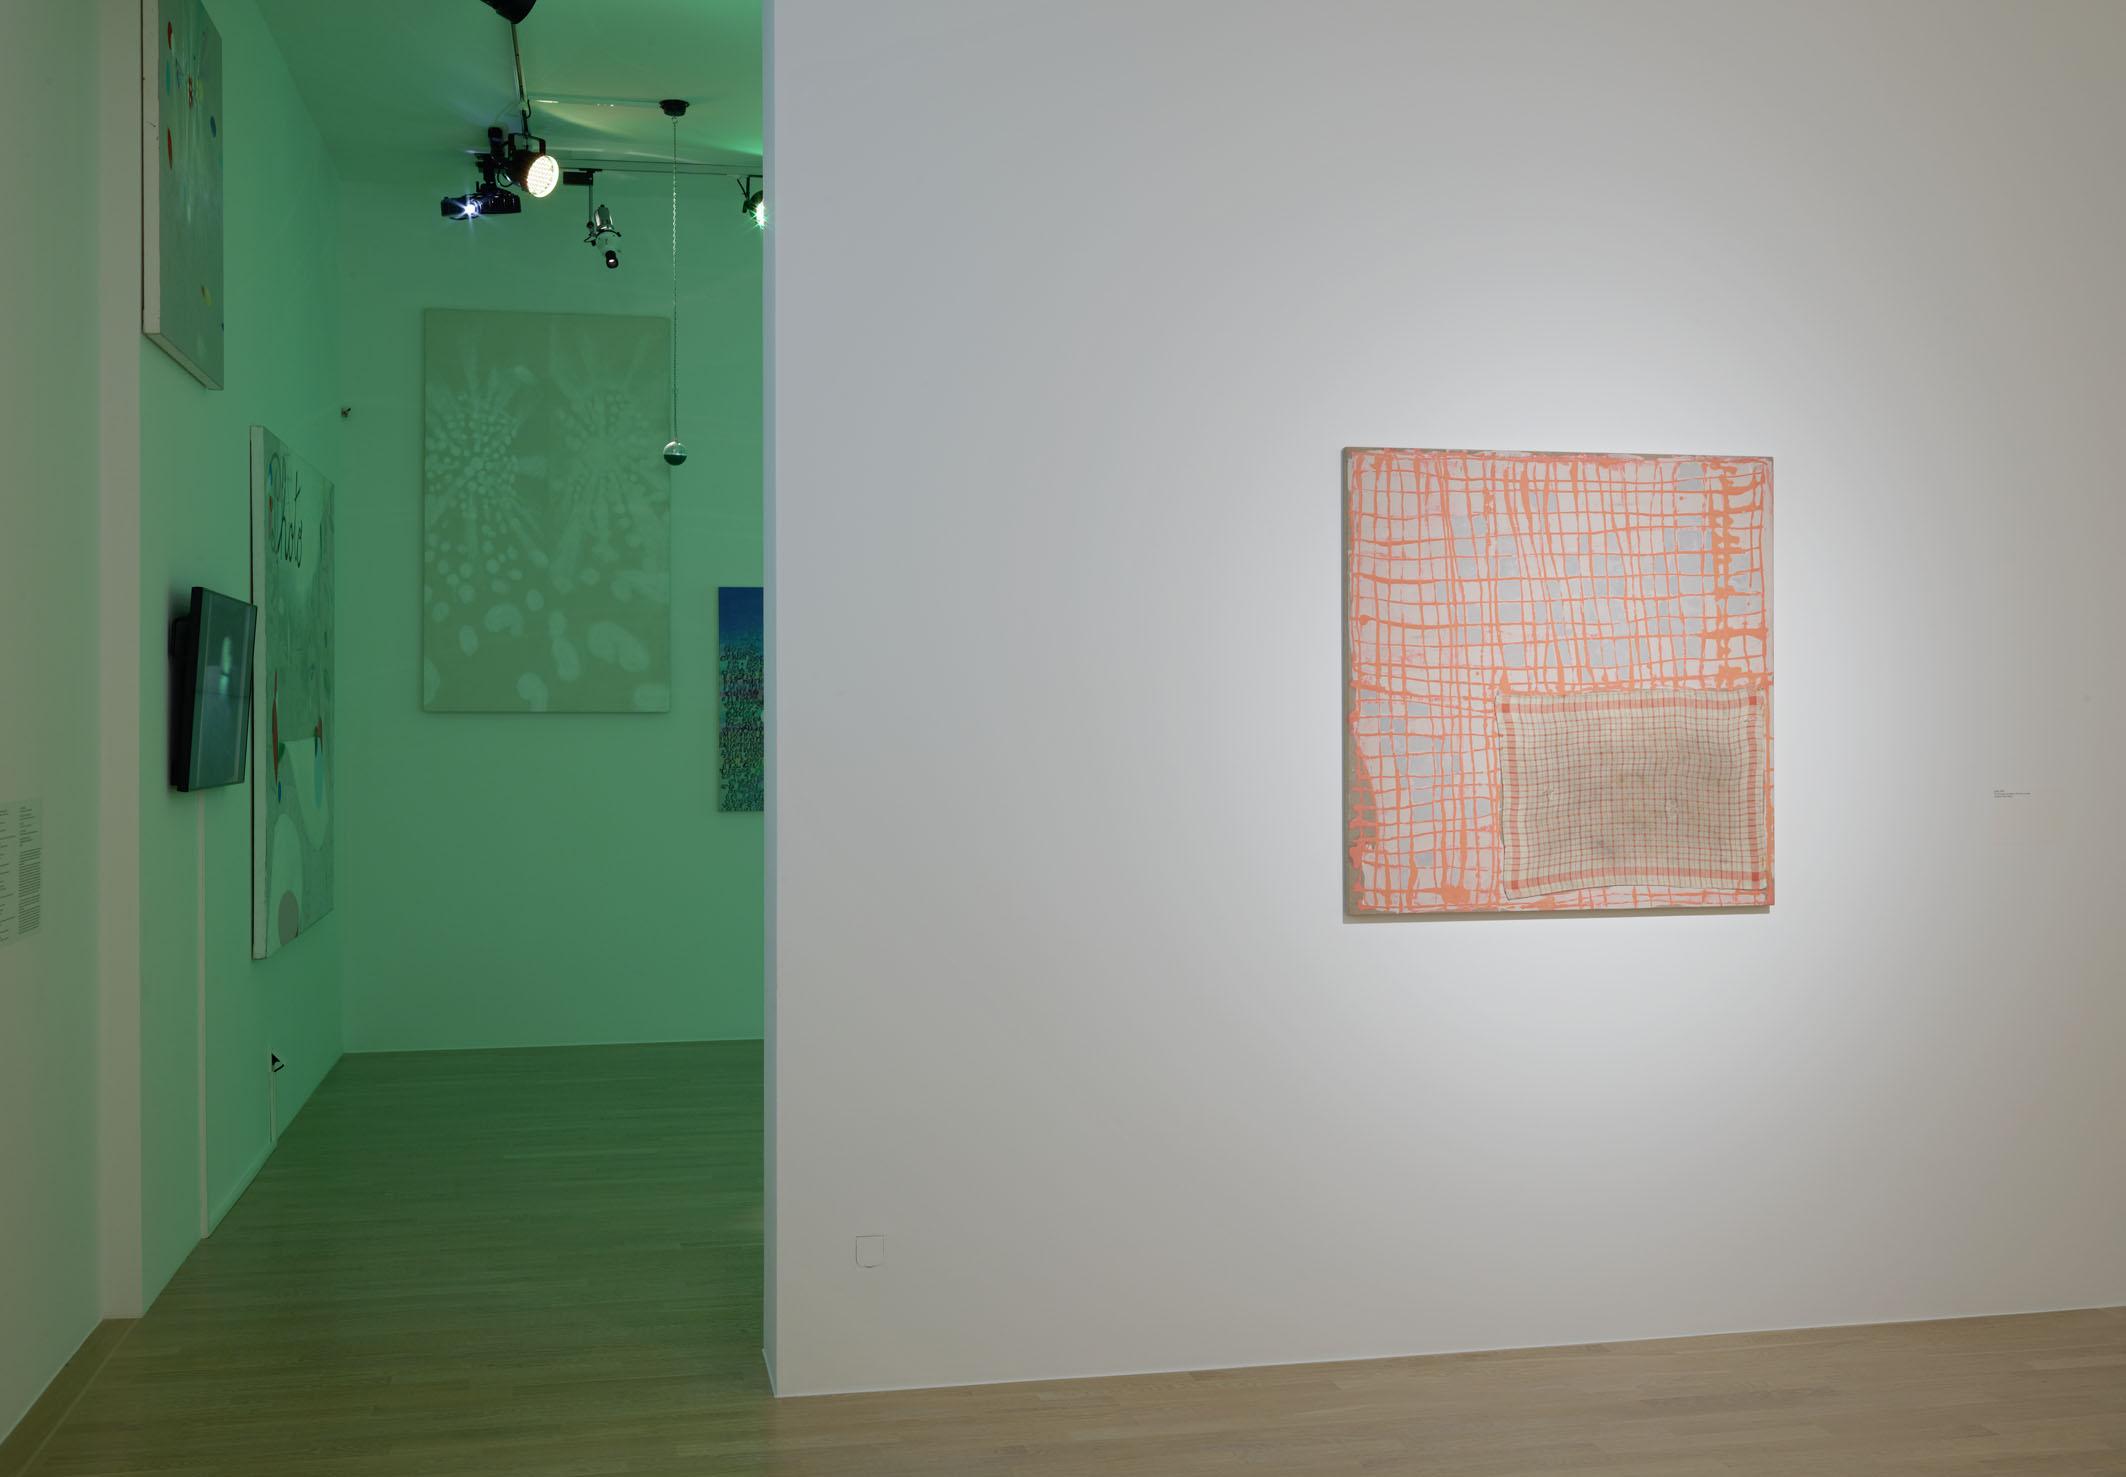 5_2016_Feinstein##Ausstellung_Lenbachhaus_015.jpg